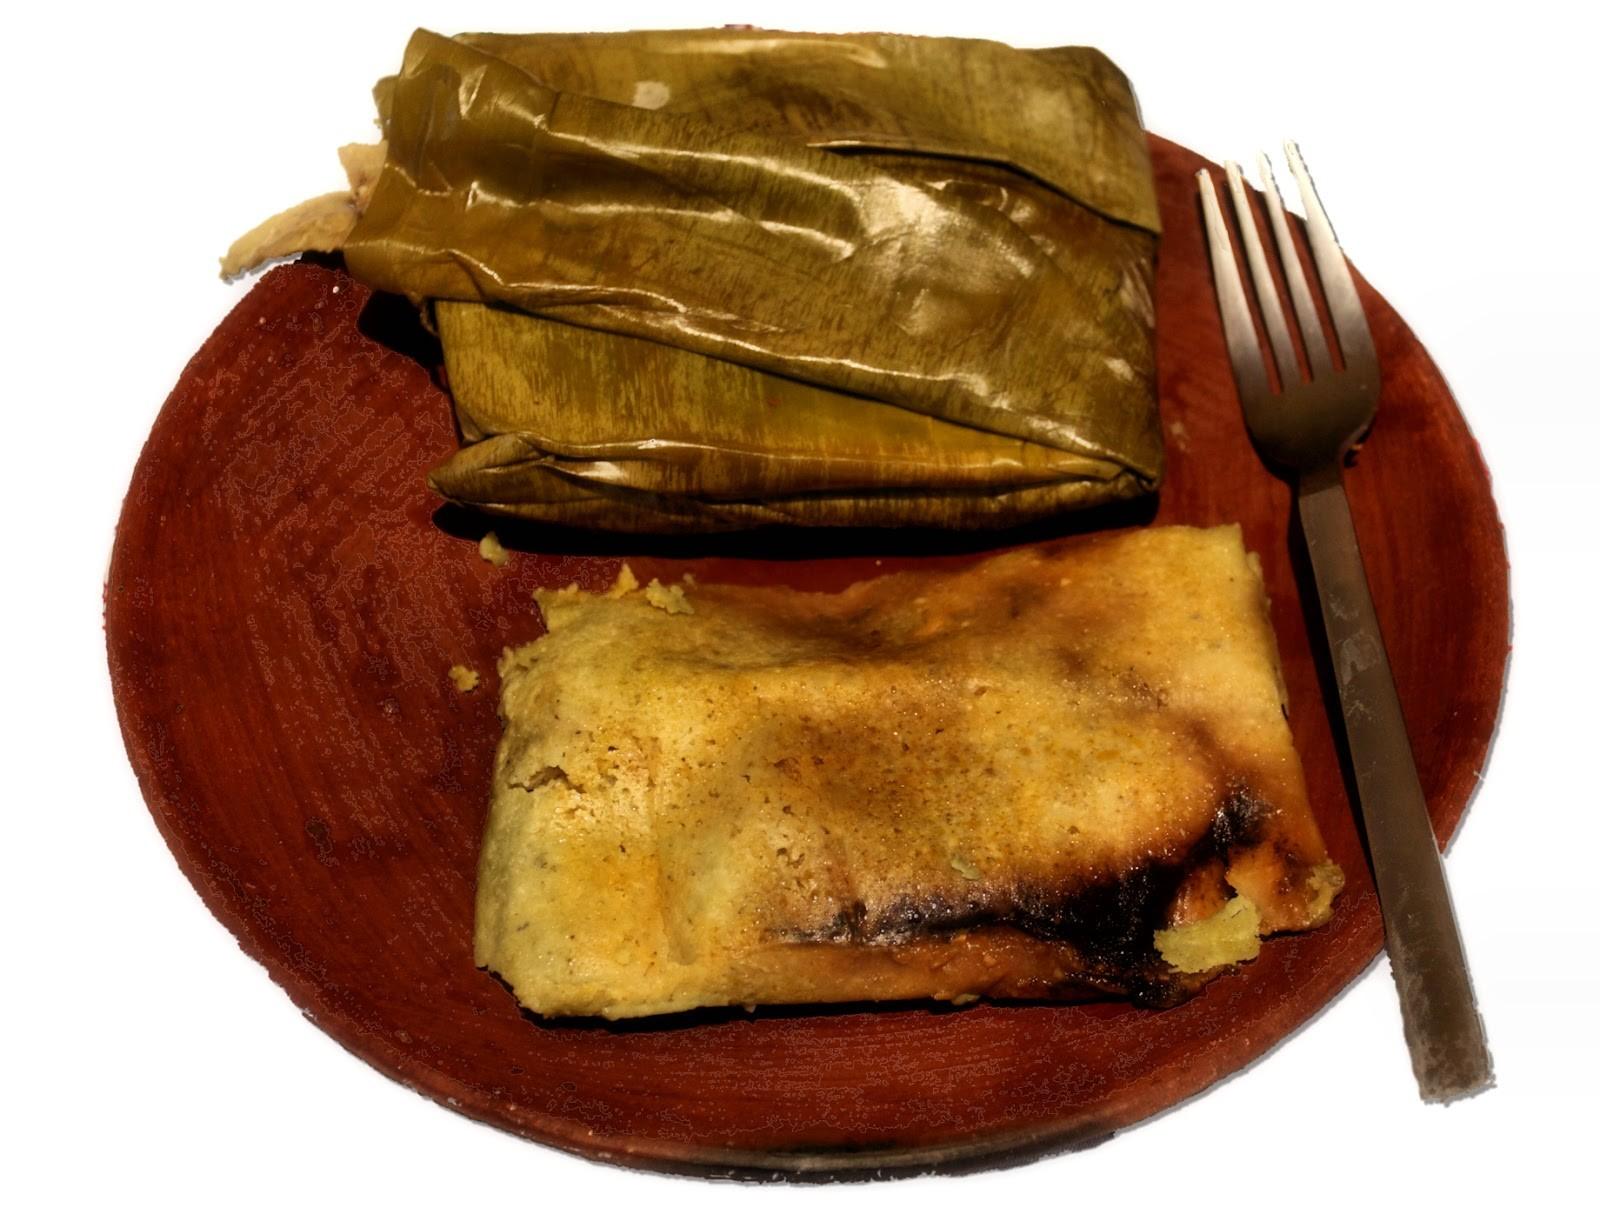 Tamale prato natalino mexicano